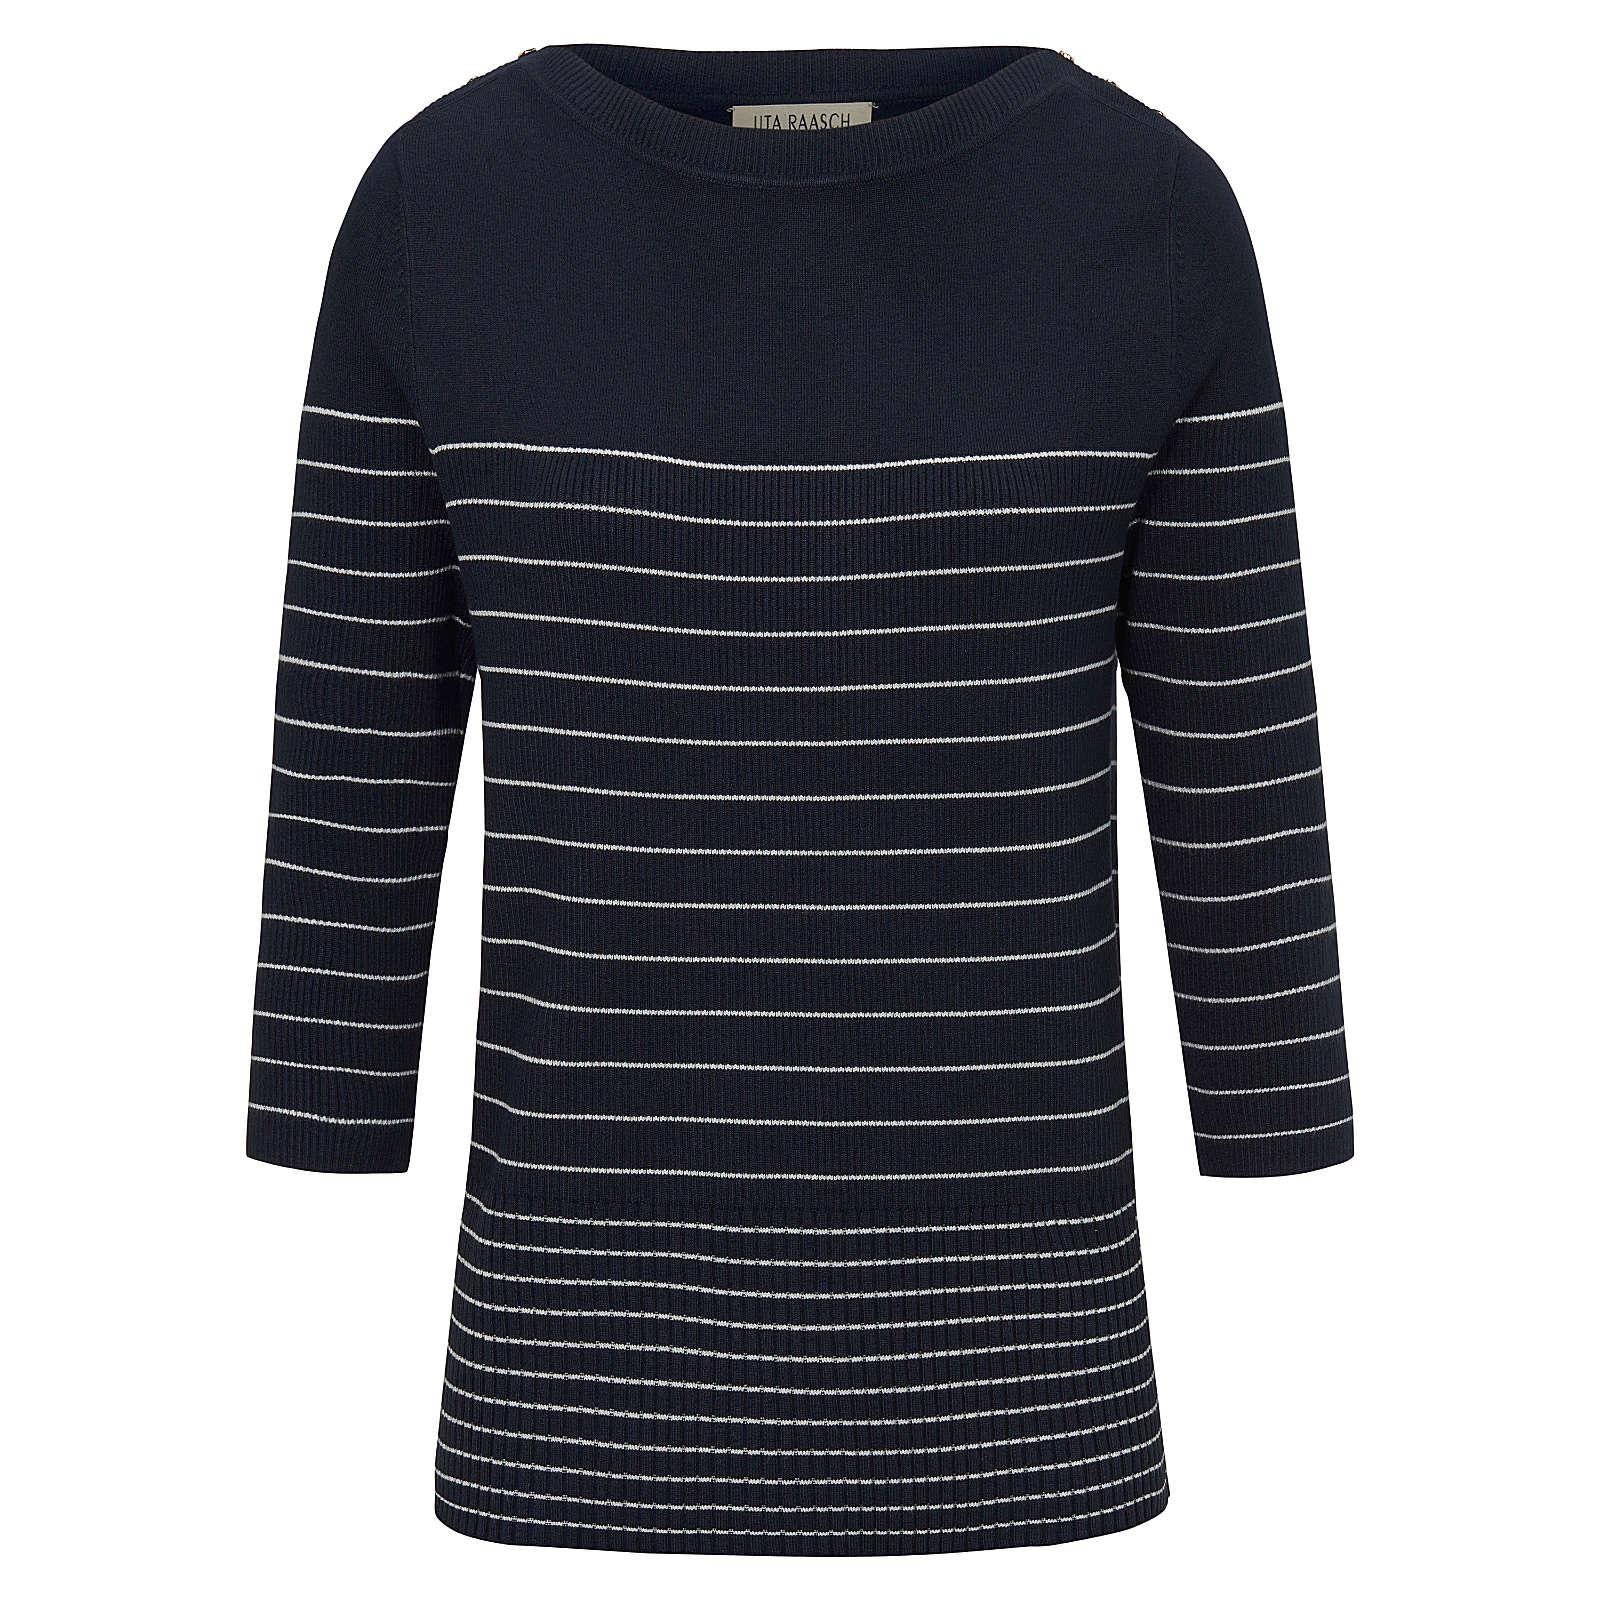 Uta Raasch Pullover mit 3/4-Arm Pullover mit 3/4-Arm Pullover blau Damen Gr. 48